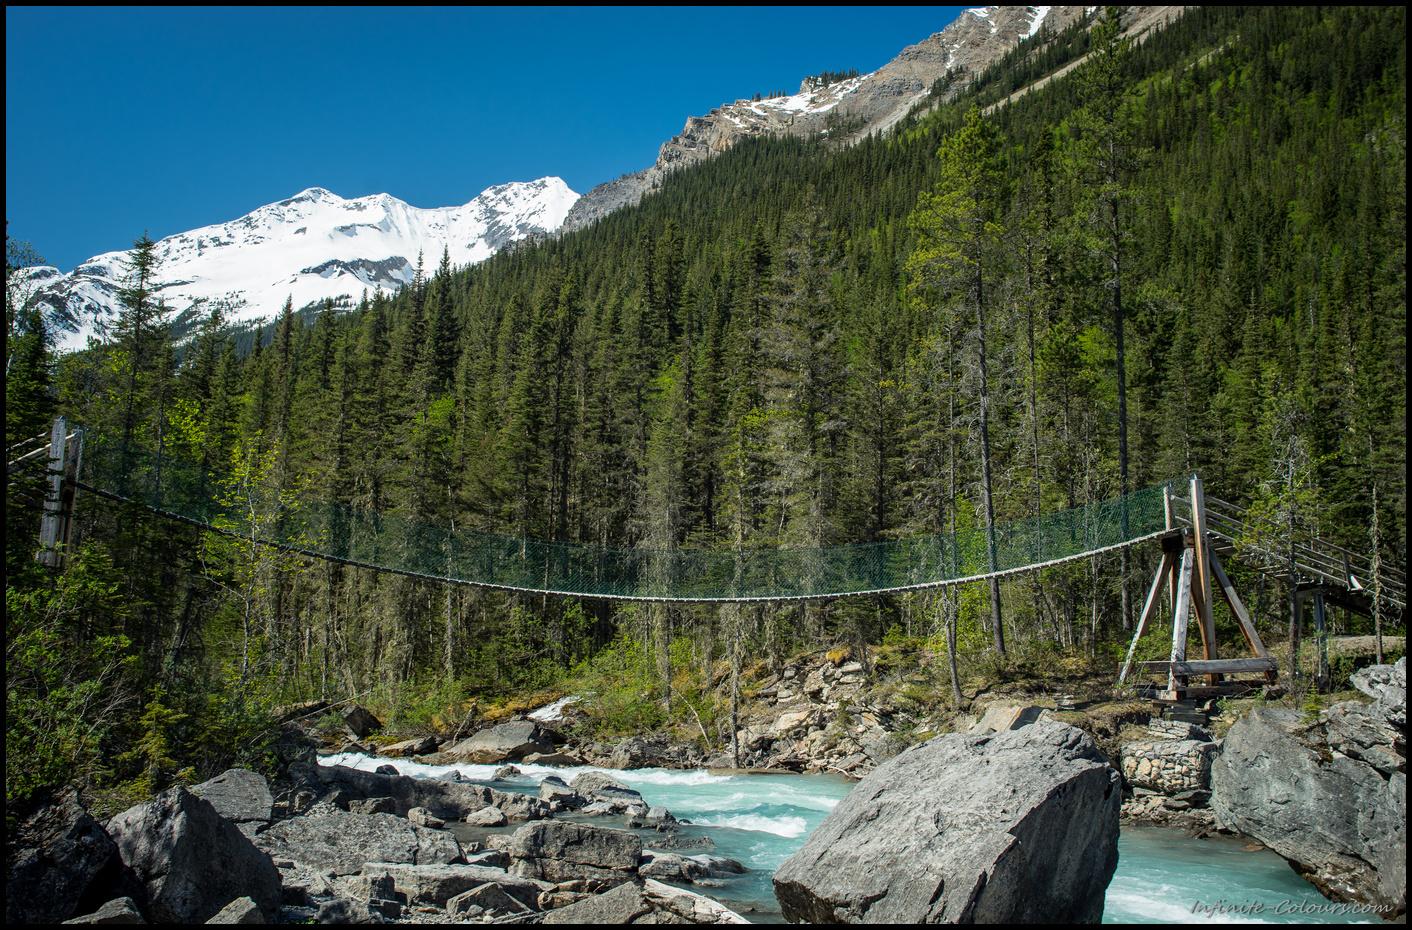 Swing bridge at Whitehorn, Berg Lake